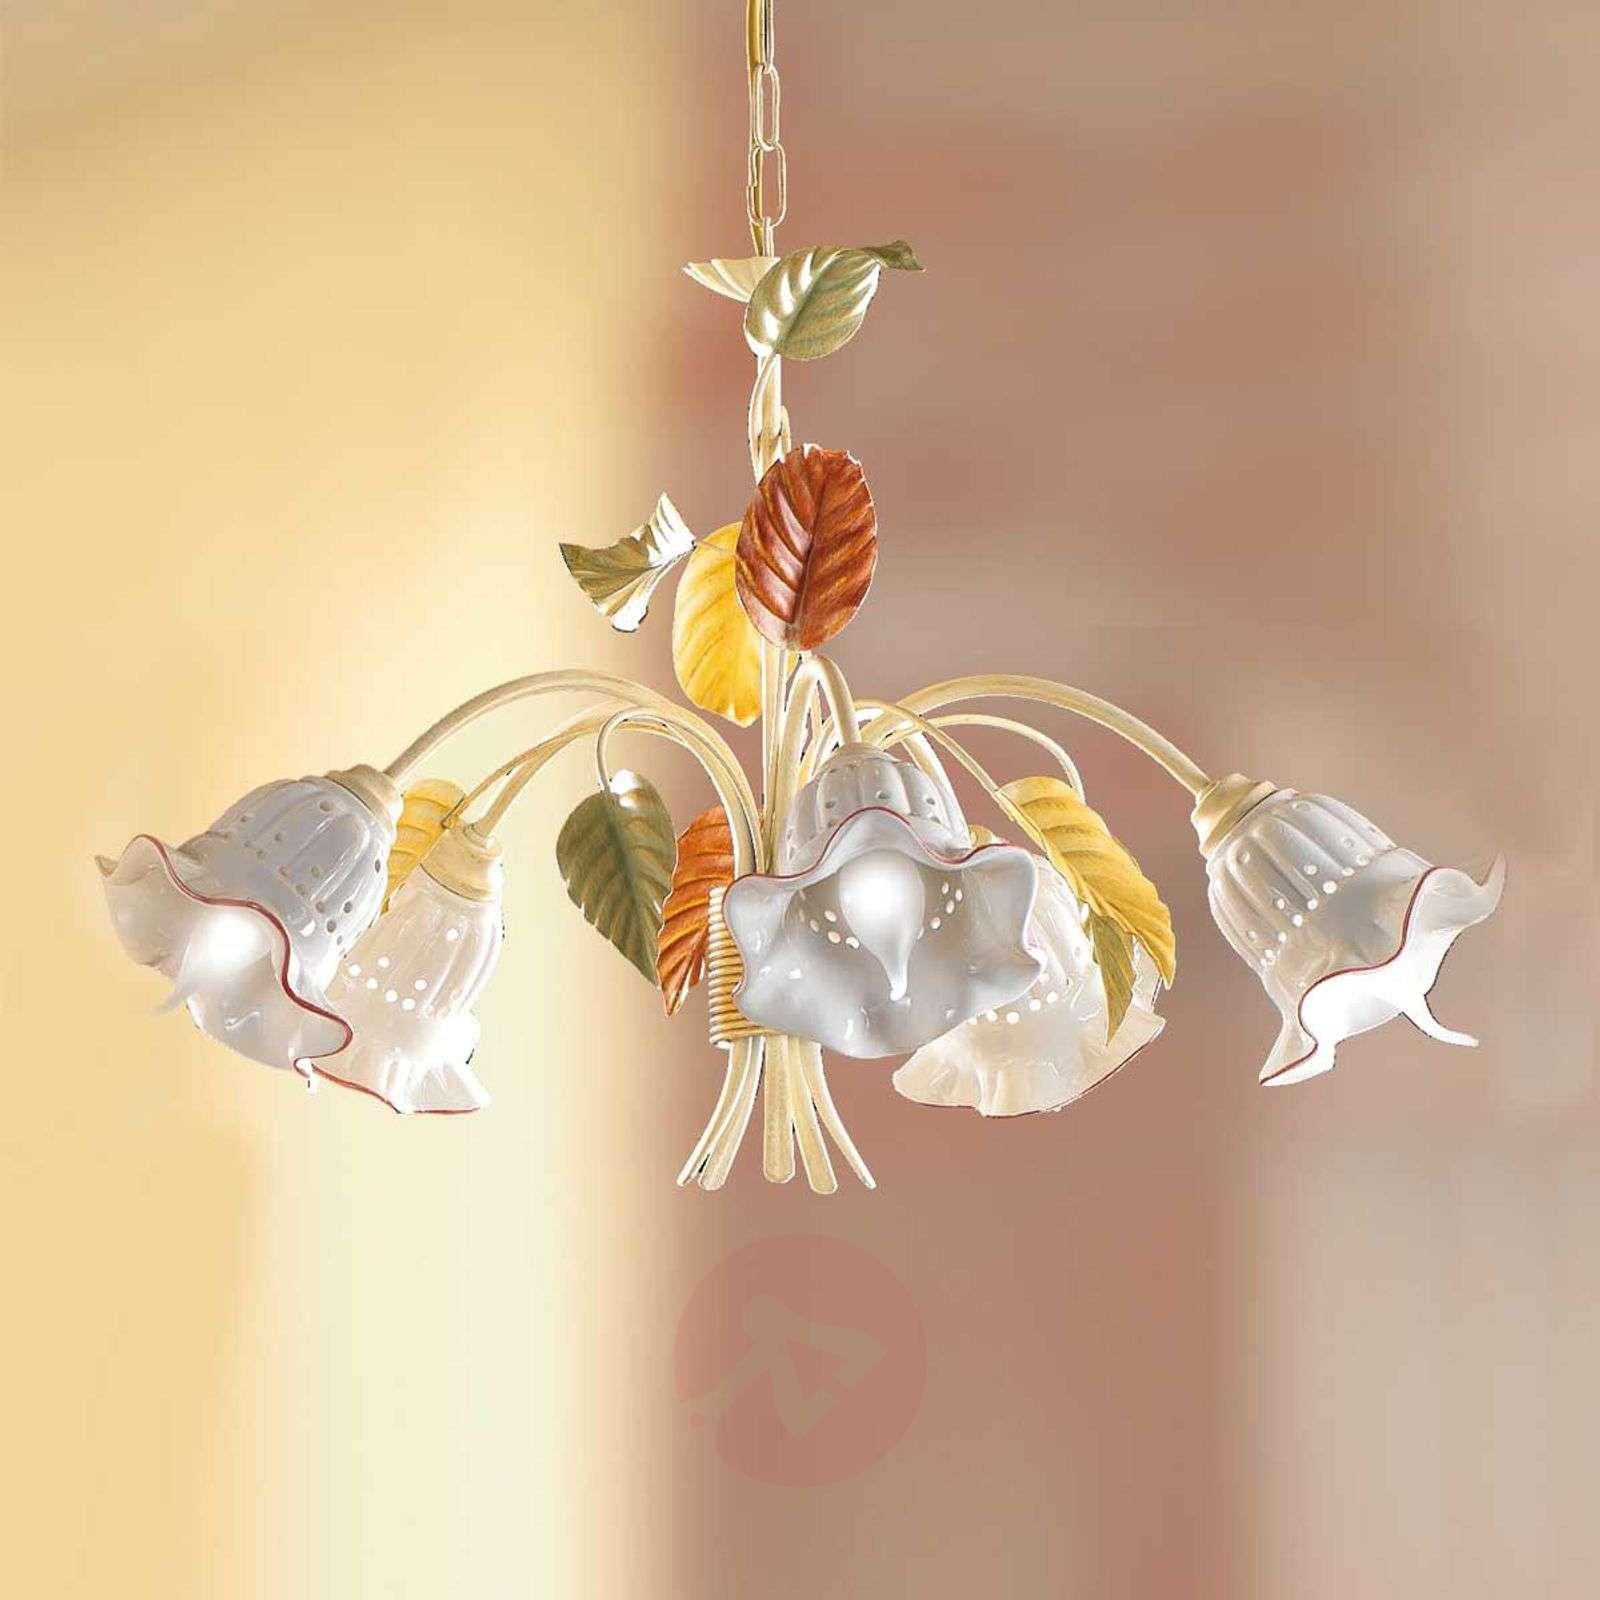 Riippuvalaisin Flora, firenzeläistyyli, 5 lamppua-2013072-01